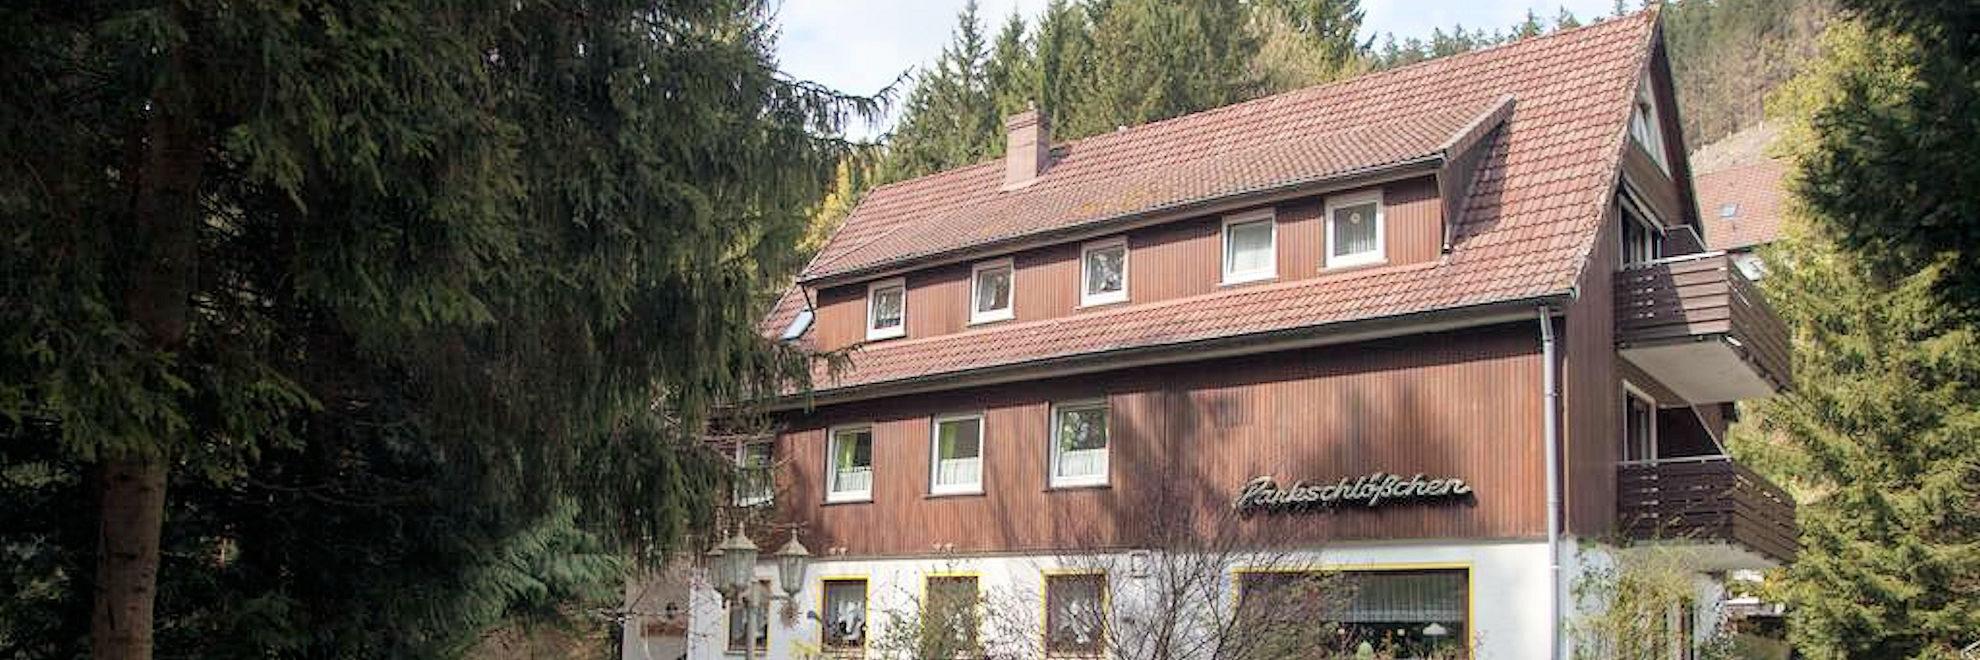 Wildemann: Hotel-Pension Parkschlößchen